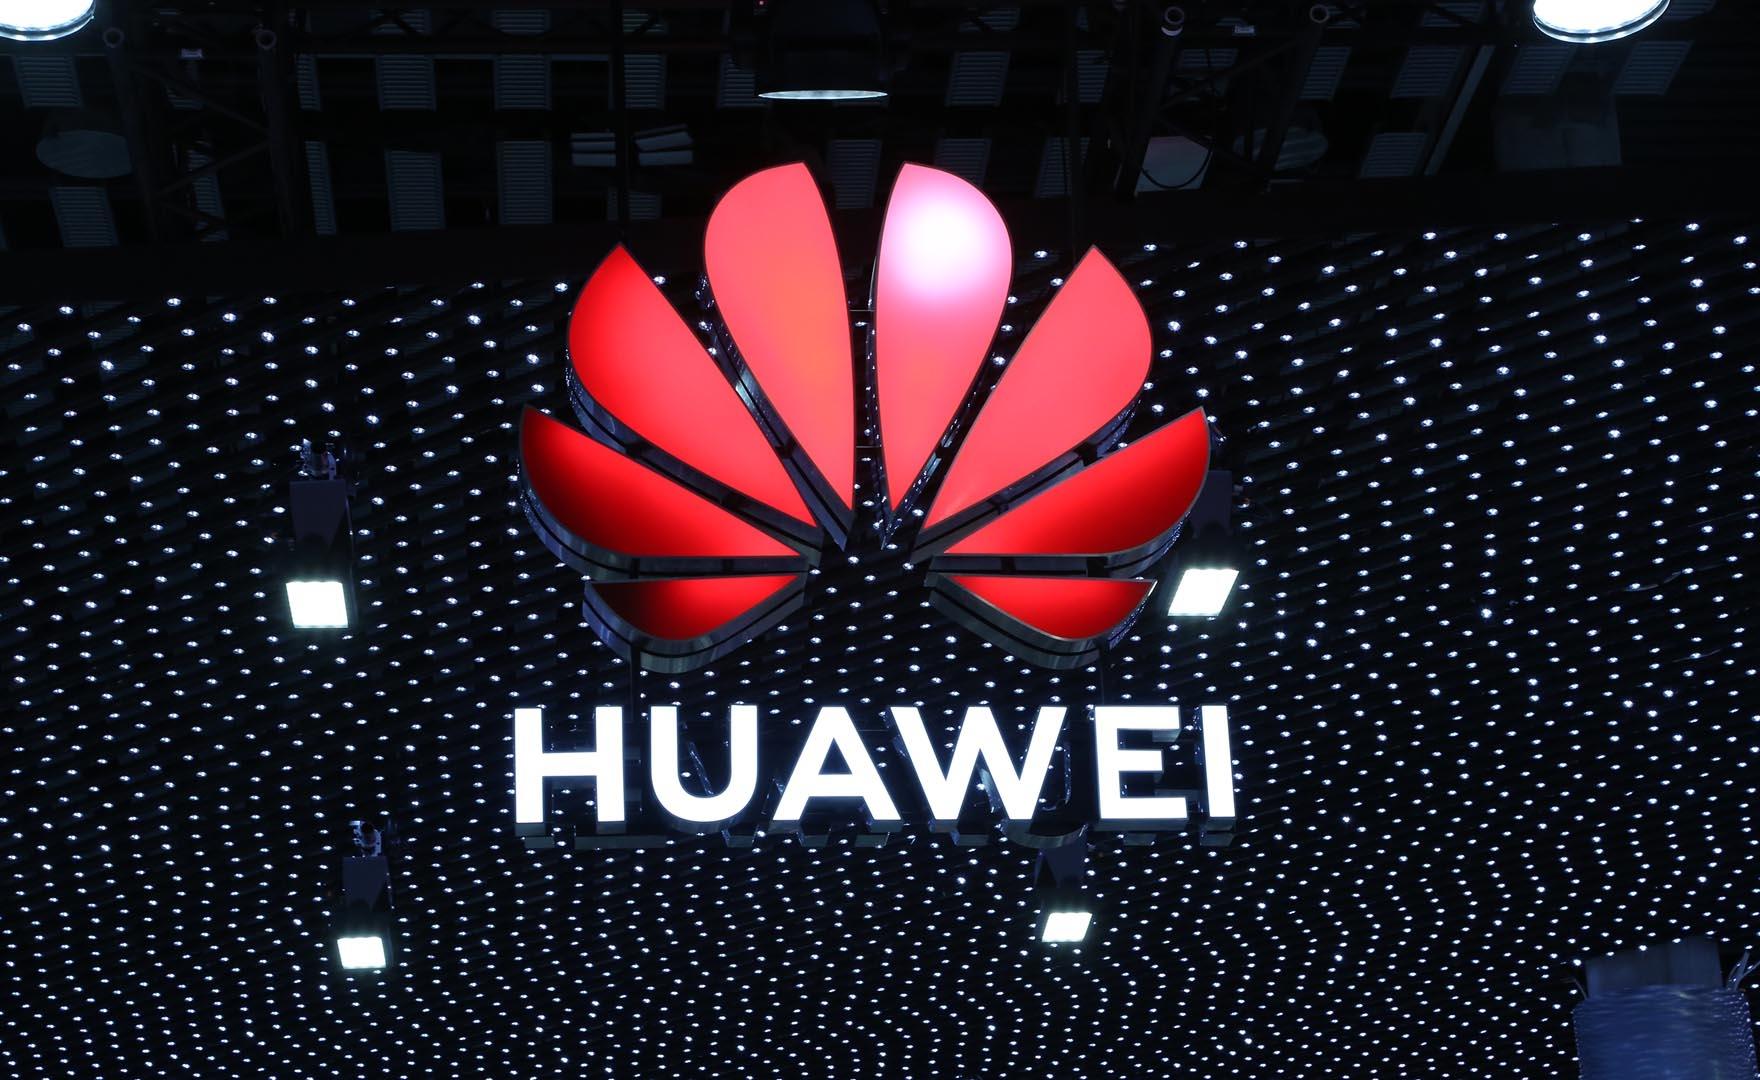 """Huawei: """"Saremo indipendenti dagli USA entro il 2021 se necessario"""""""